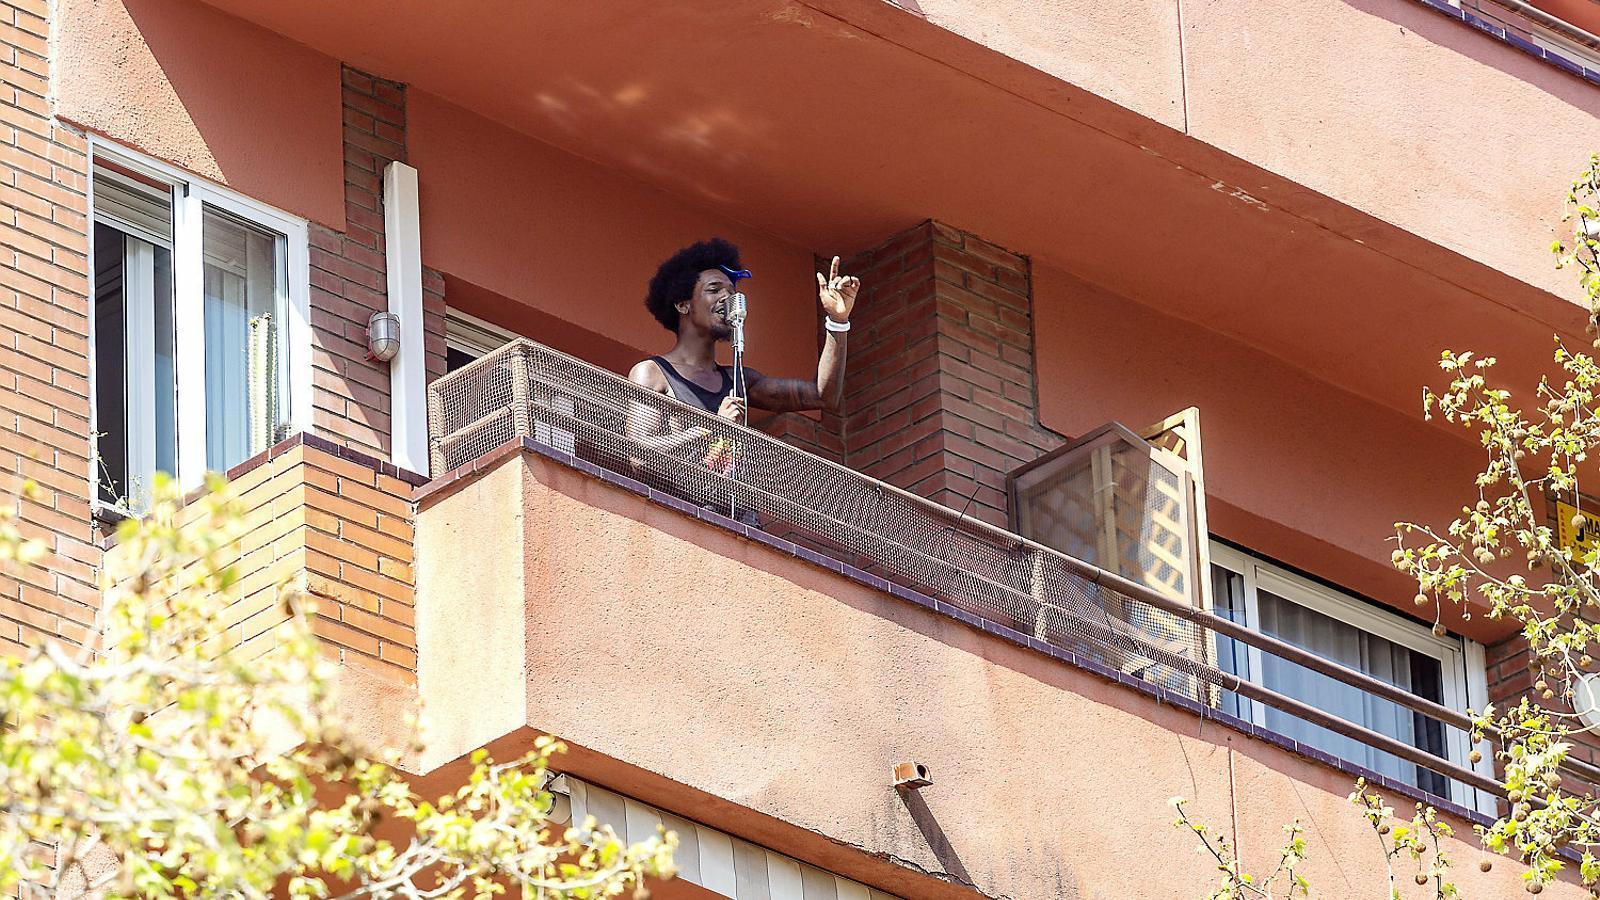 Un veí canta des d'un balcó a l'avinguda Gaudí durant el confinament.